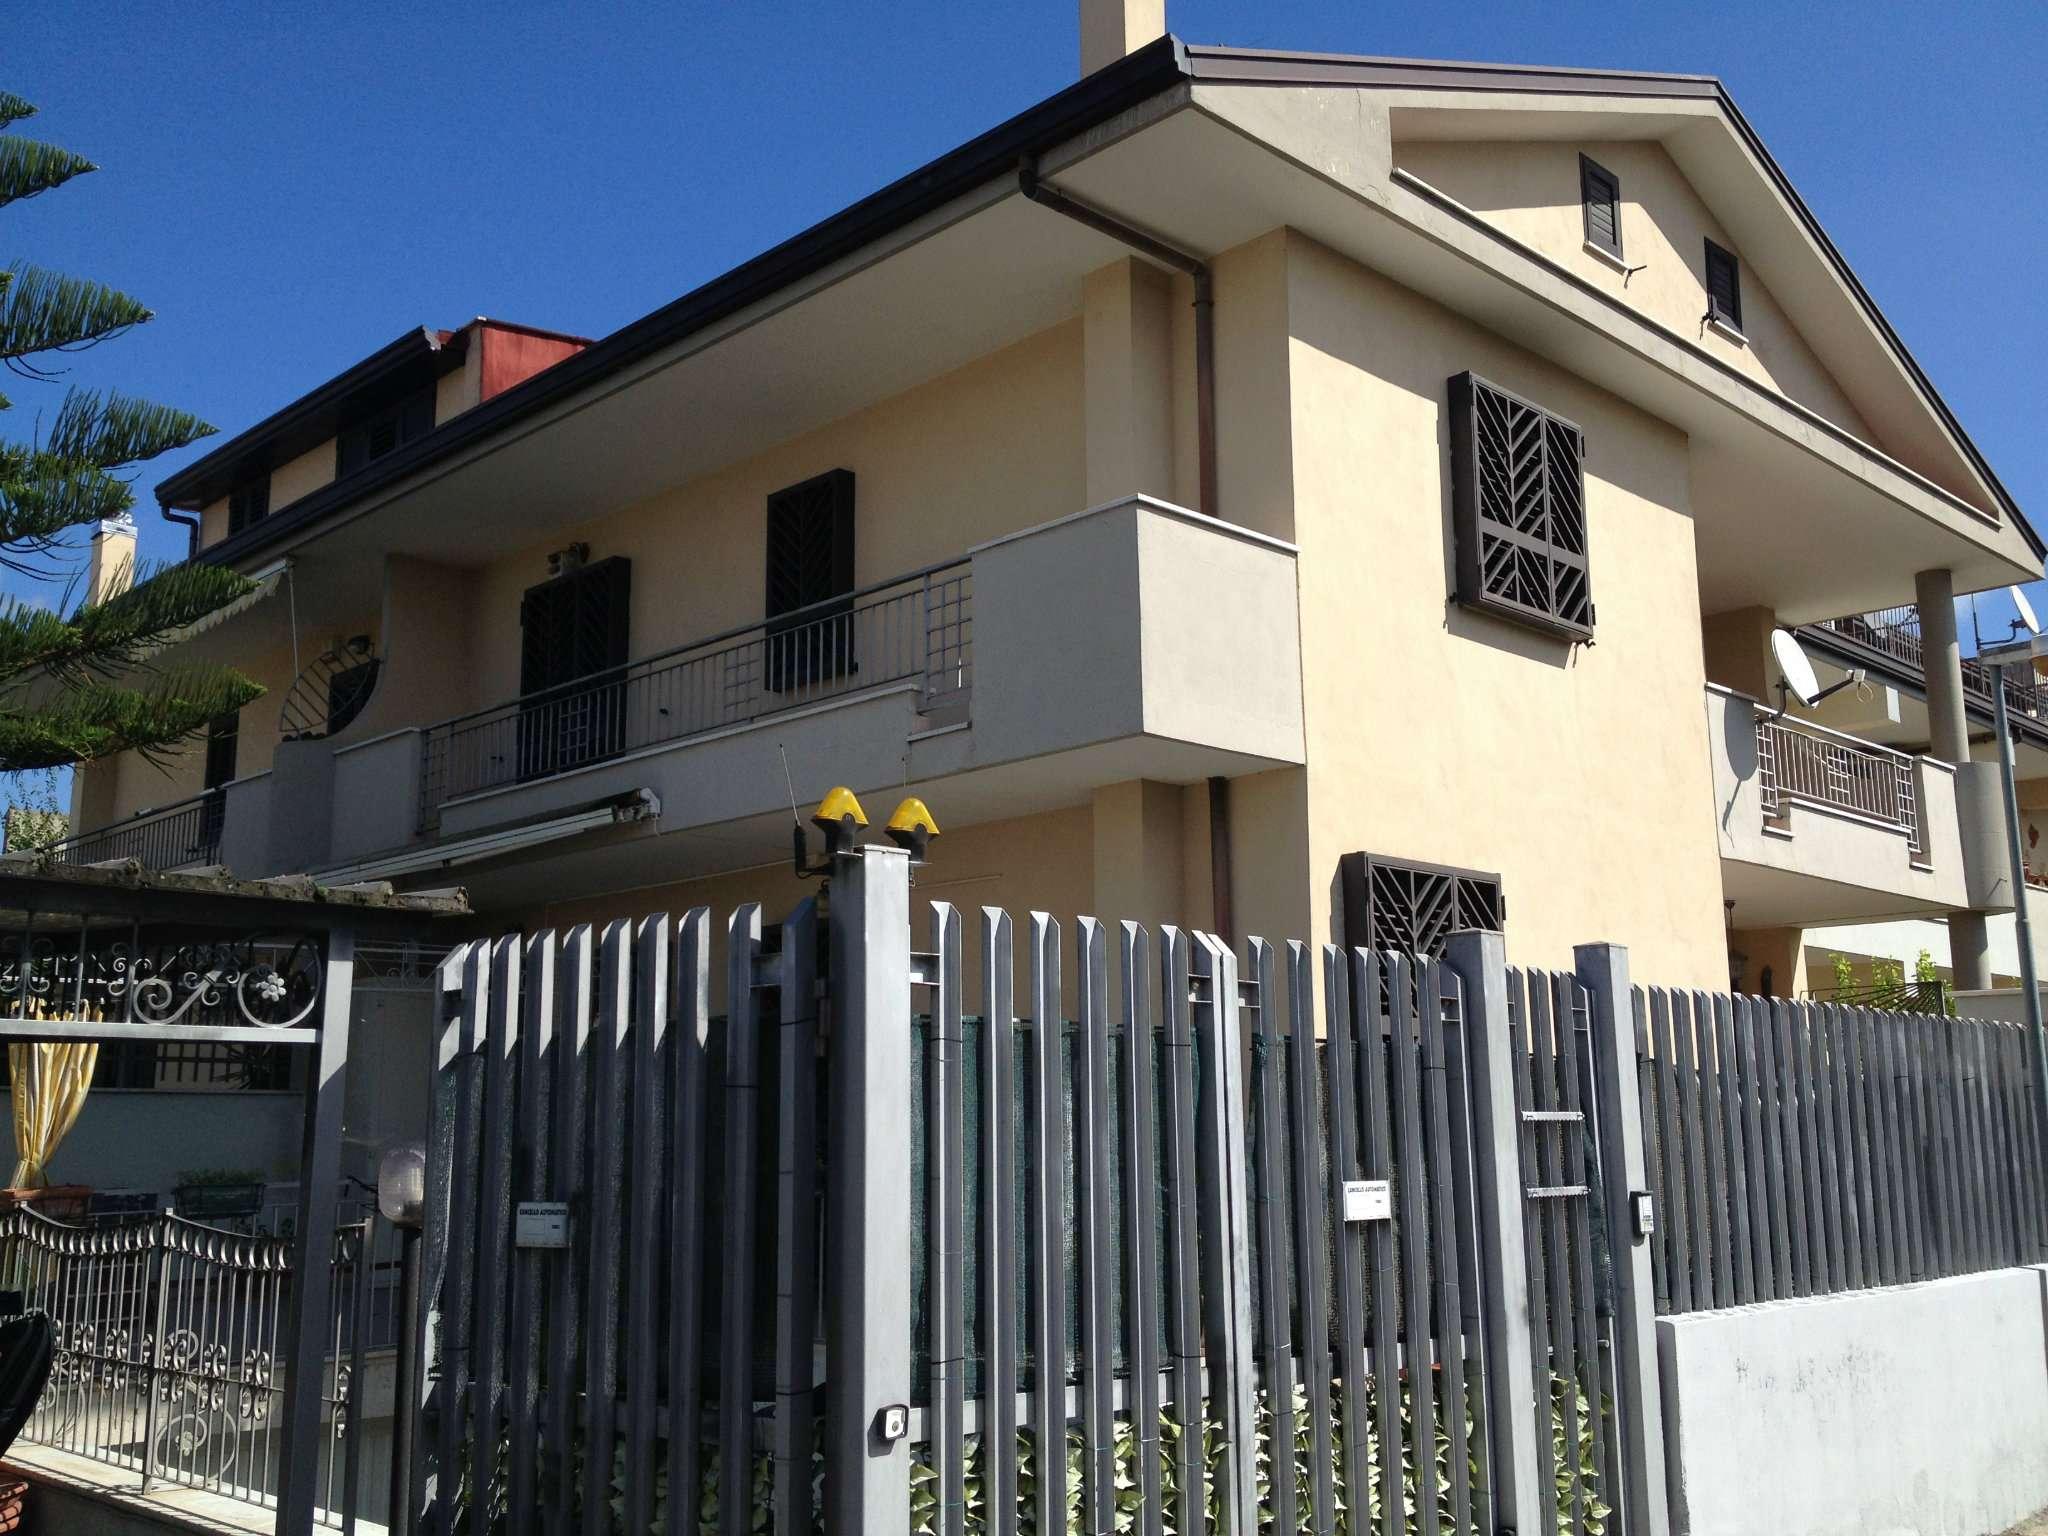 Villa in vendita a Casagiove, 9 locali, prezzo € 370.000 | CambioCasa.it